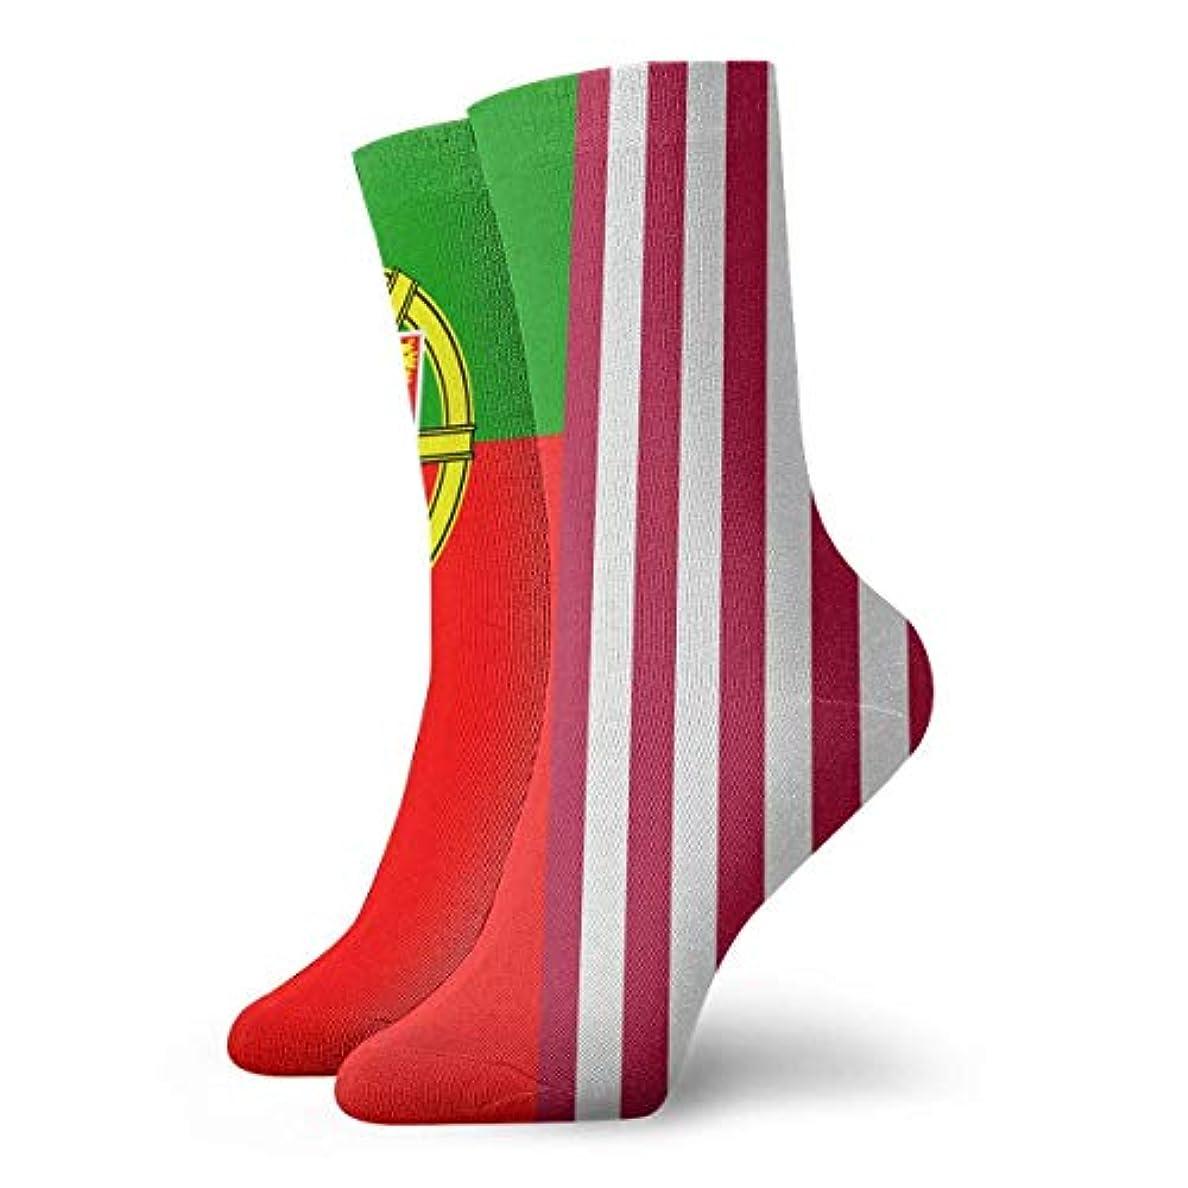 テクスチャー満足できる玉ねぎQRRIYレディースアメリカアメリカ ポルトガルフラグソフトクリスマス膝高ストッキング靴下、クリスマス楽しいカラフルな靴下ソックス